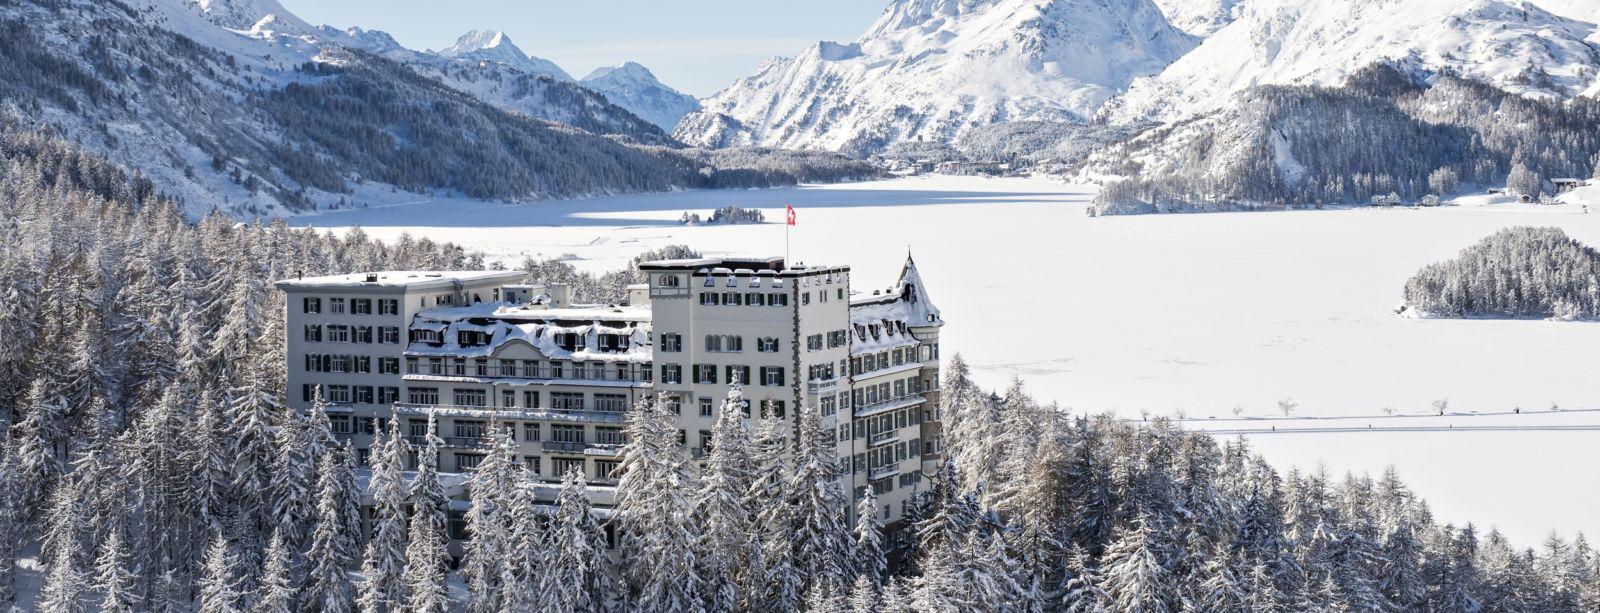 Aussenansicht vom Hotel Waldhaus Sils, Richtung Maloja im Winter